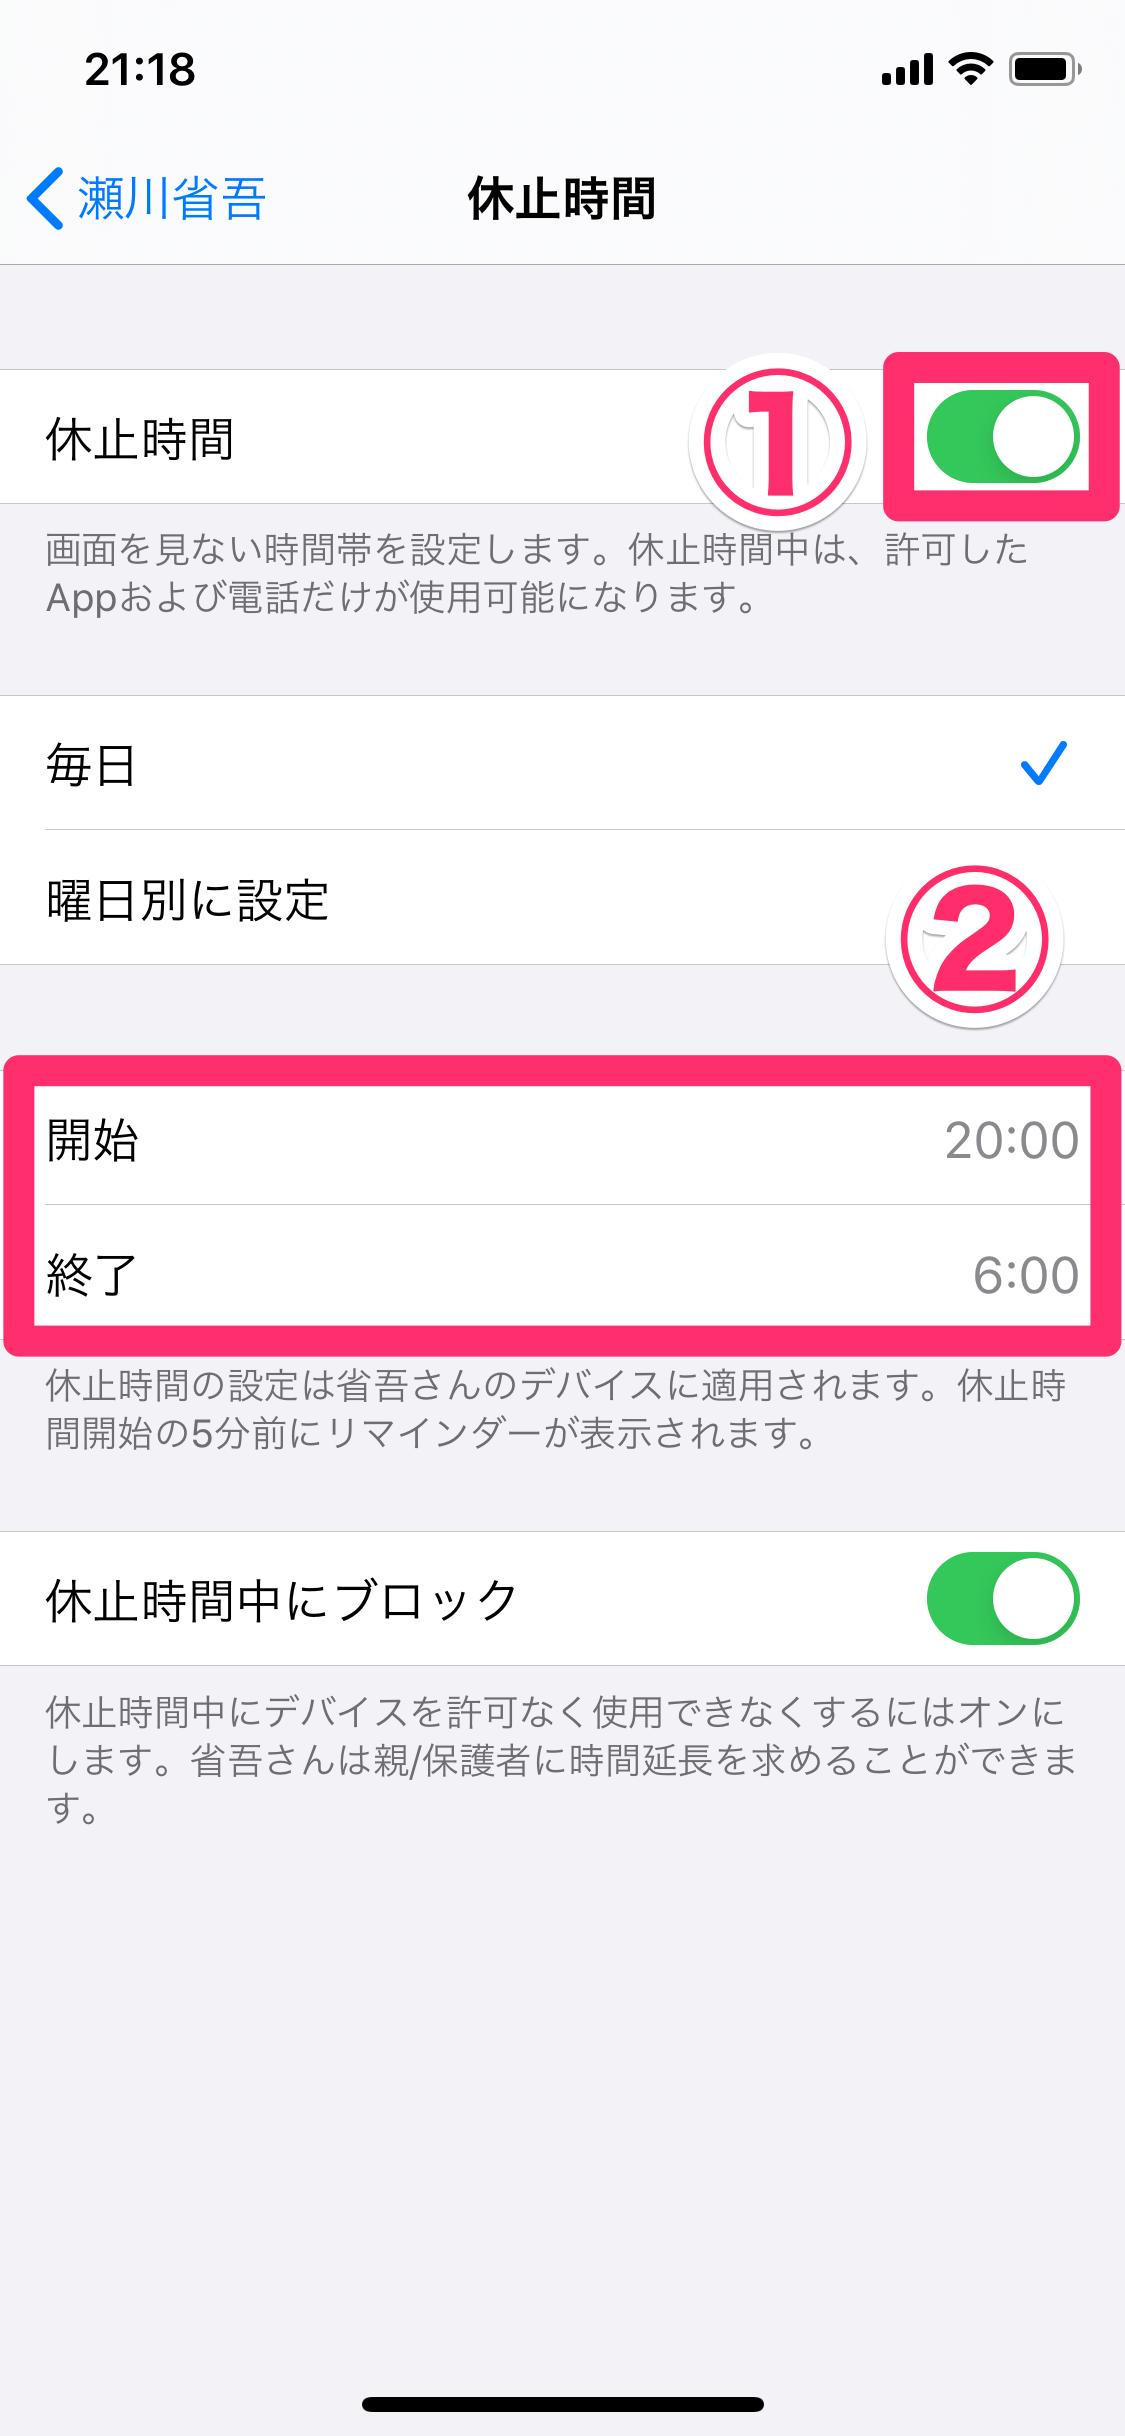 タイム 抜け道 スクリーン